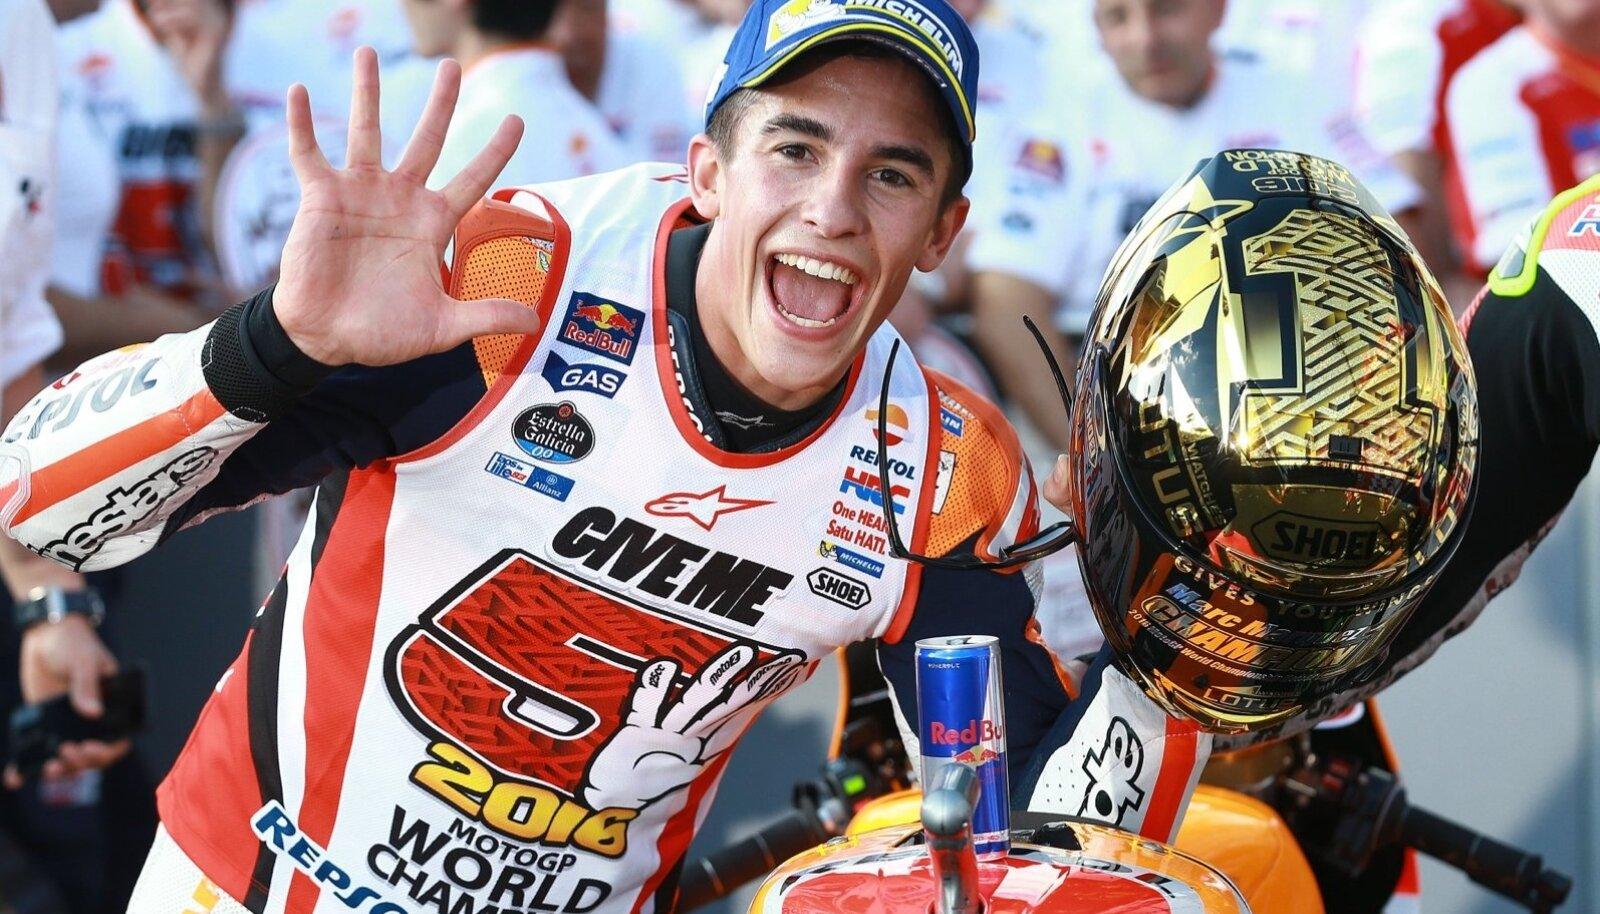 SUPERSTAAR: Marc Márquez võitis mullu oma viienda MM-tiitli mootorrataste ringrajasõidus, tuleva nädala lõpuks on ta tõenäoliselt juba kuuekordne maailmameister.